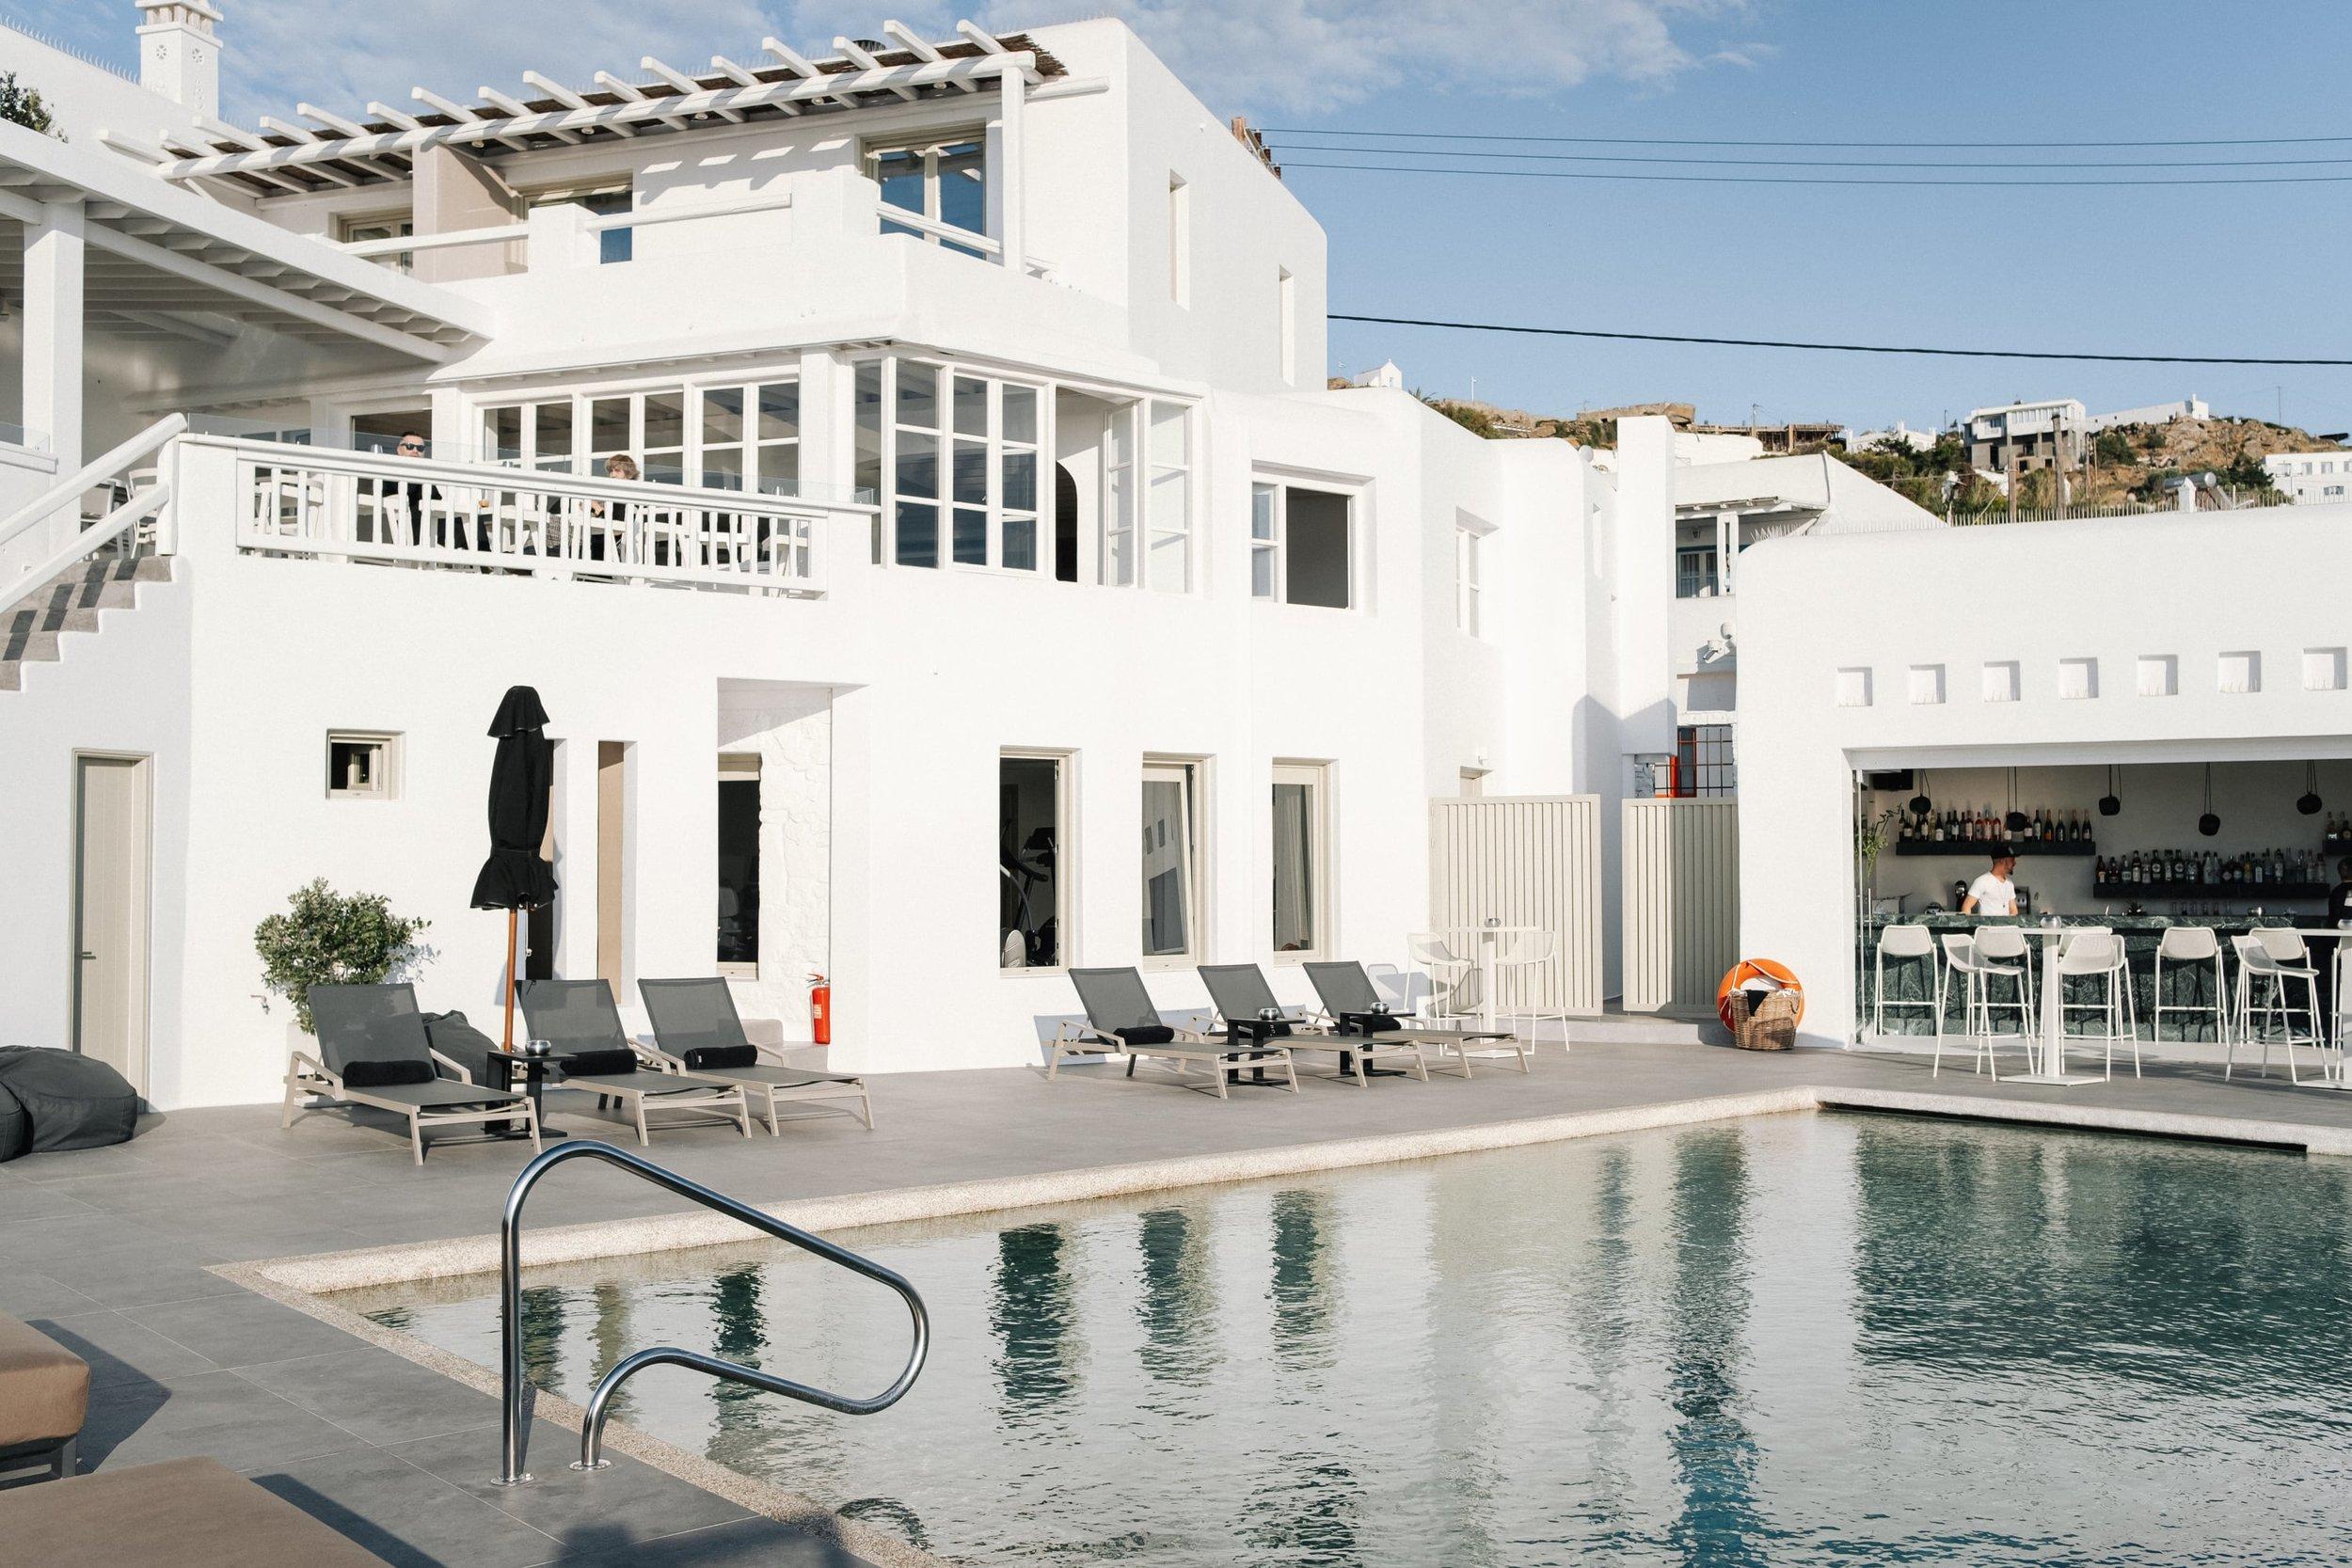 Hotel Rochari in Mykonos, Greece